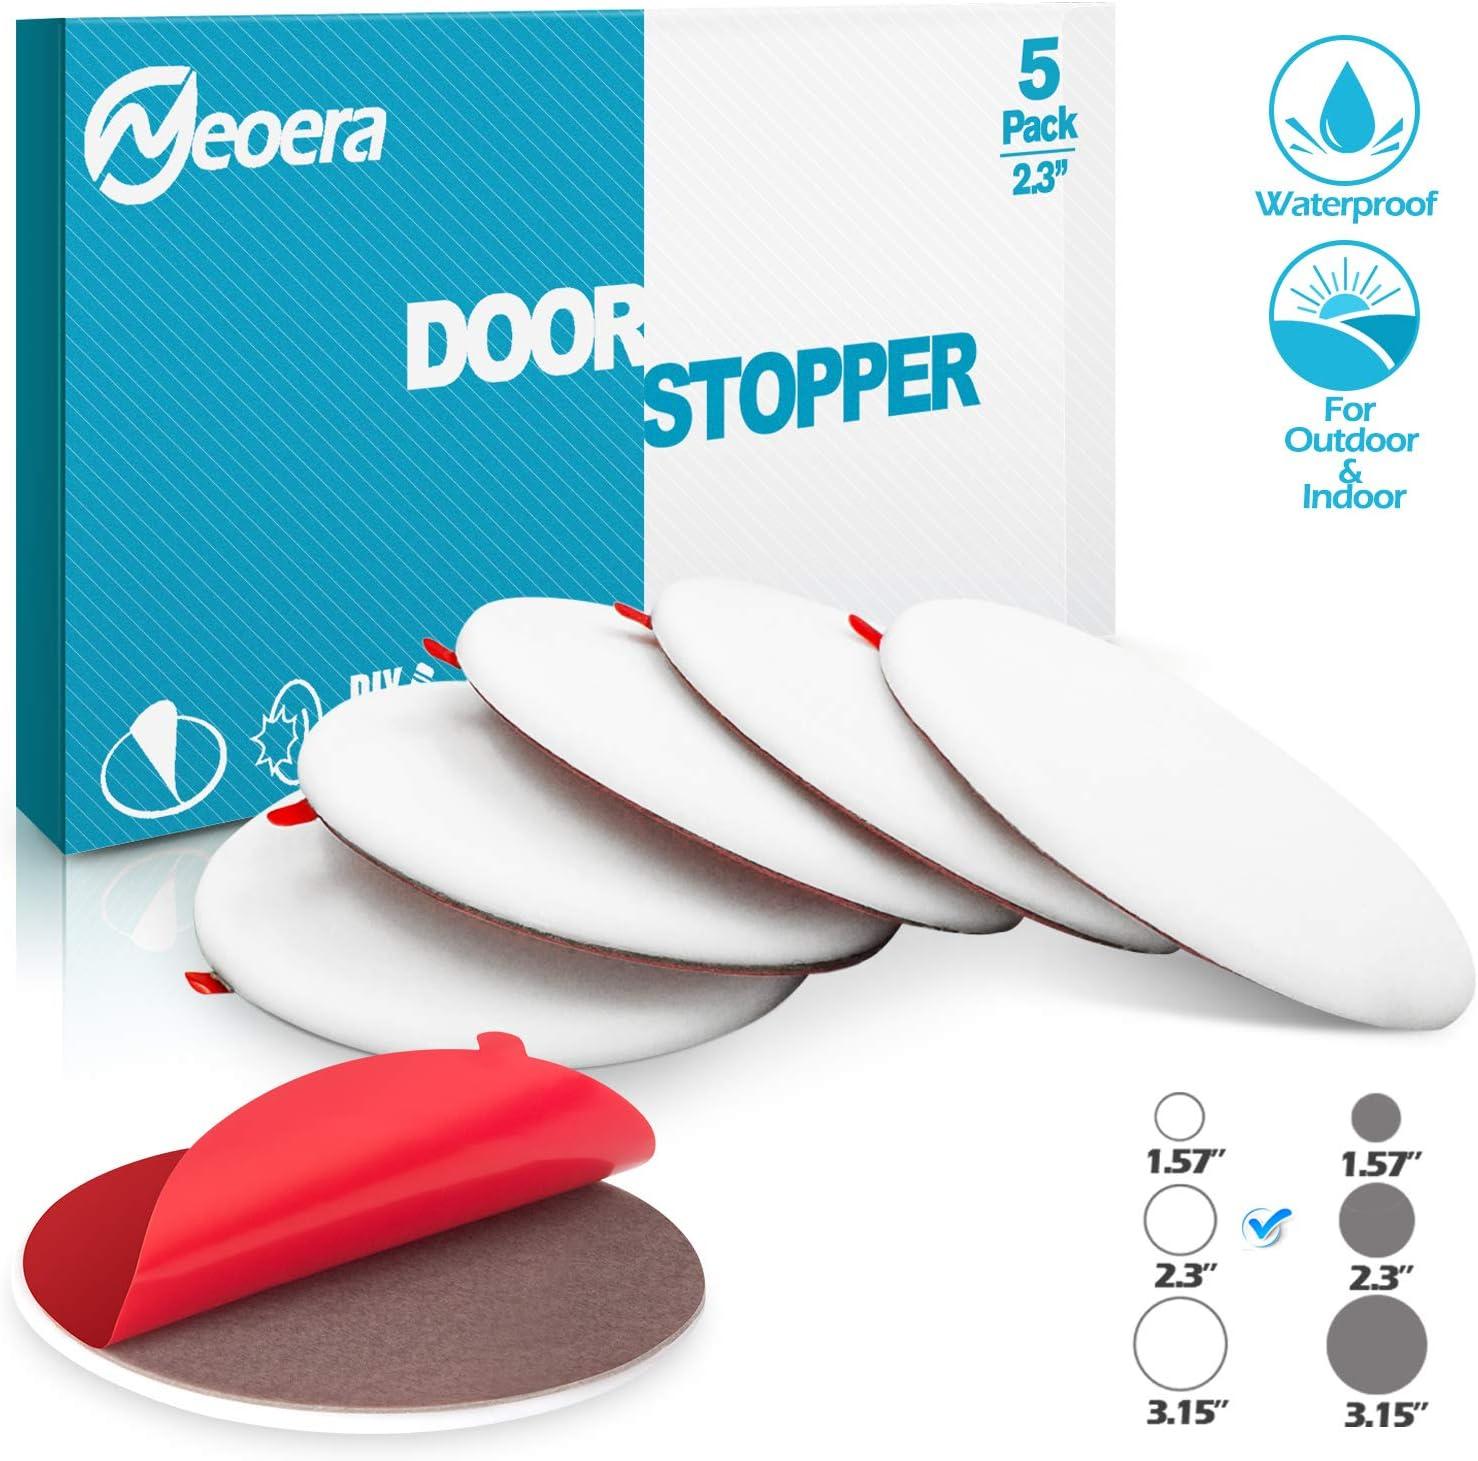 Premium Self Adhesive Door Bumper 3.15 Round Soft Rubber Door Stop Neoera Door Stopper Wall Silicon Wall Protector Gray, 3.15 4 Pack